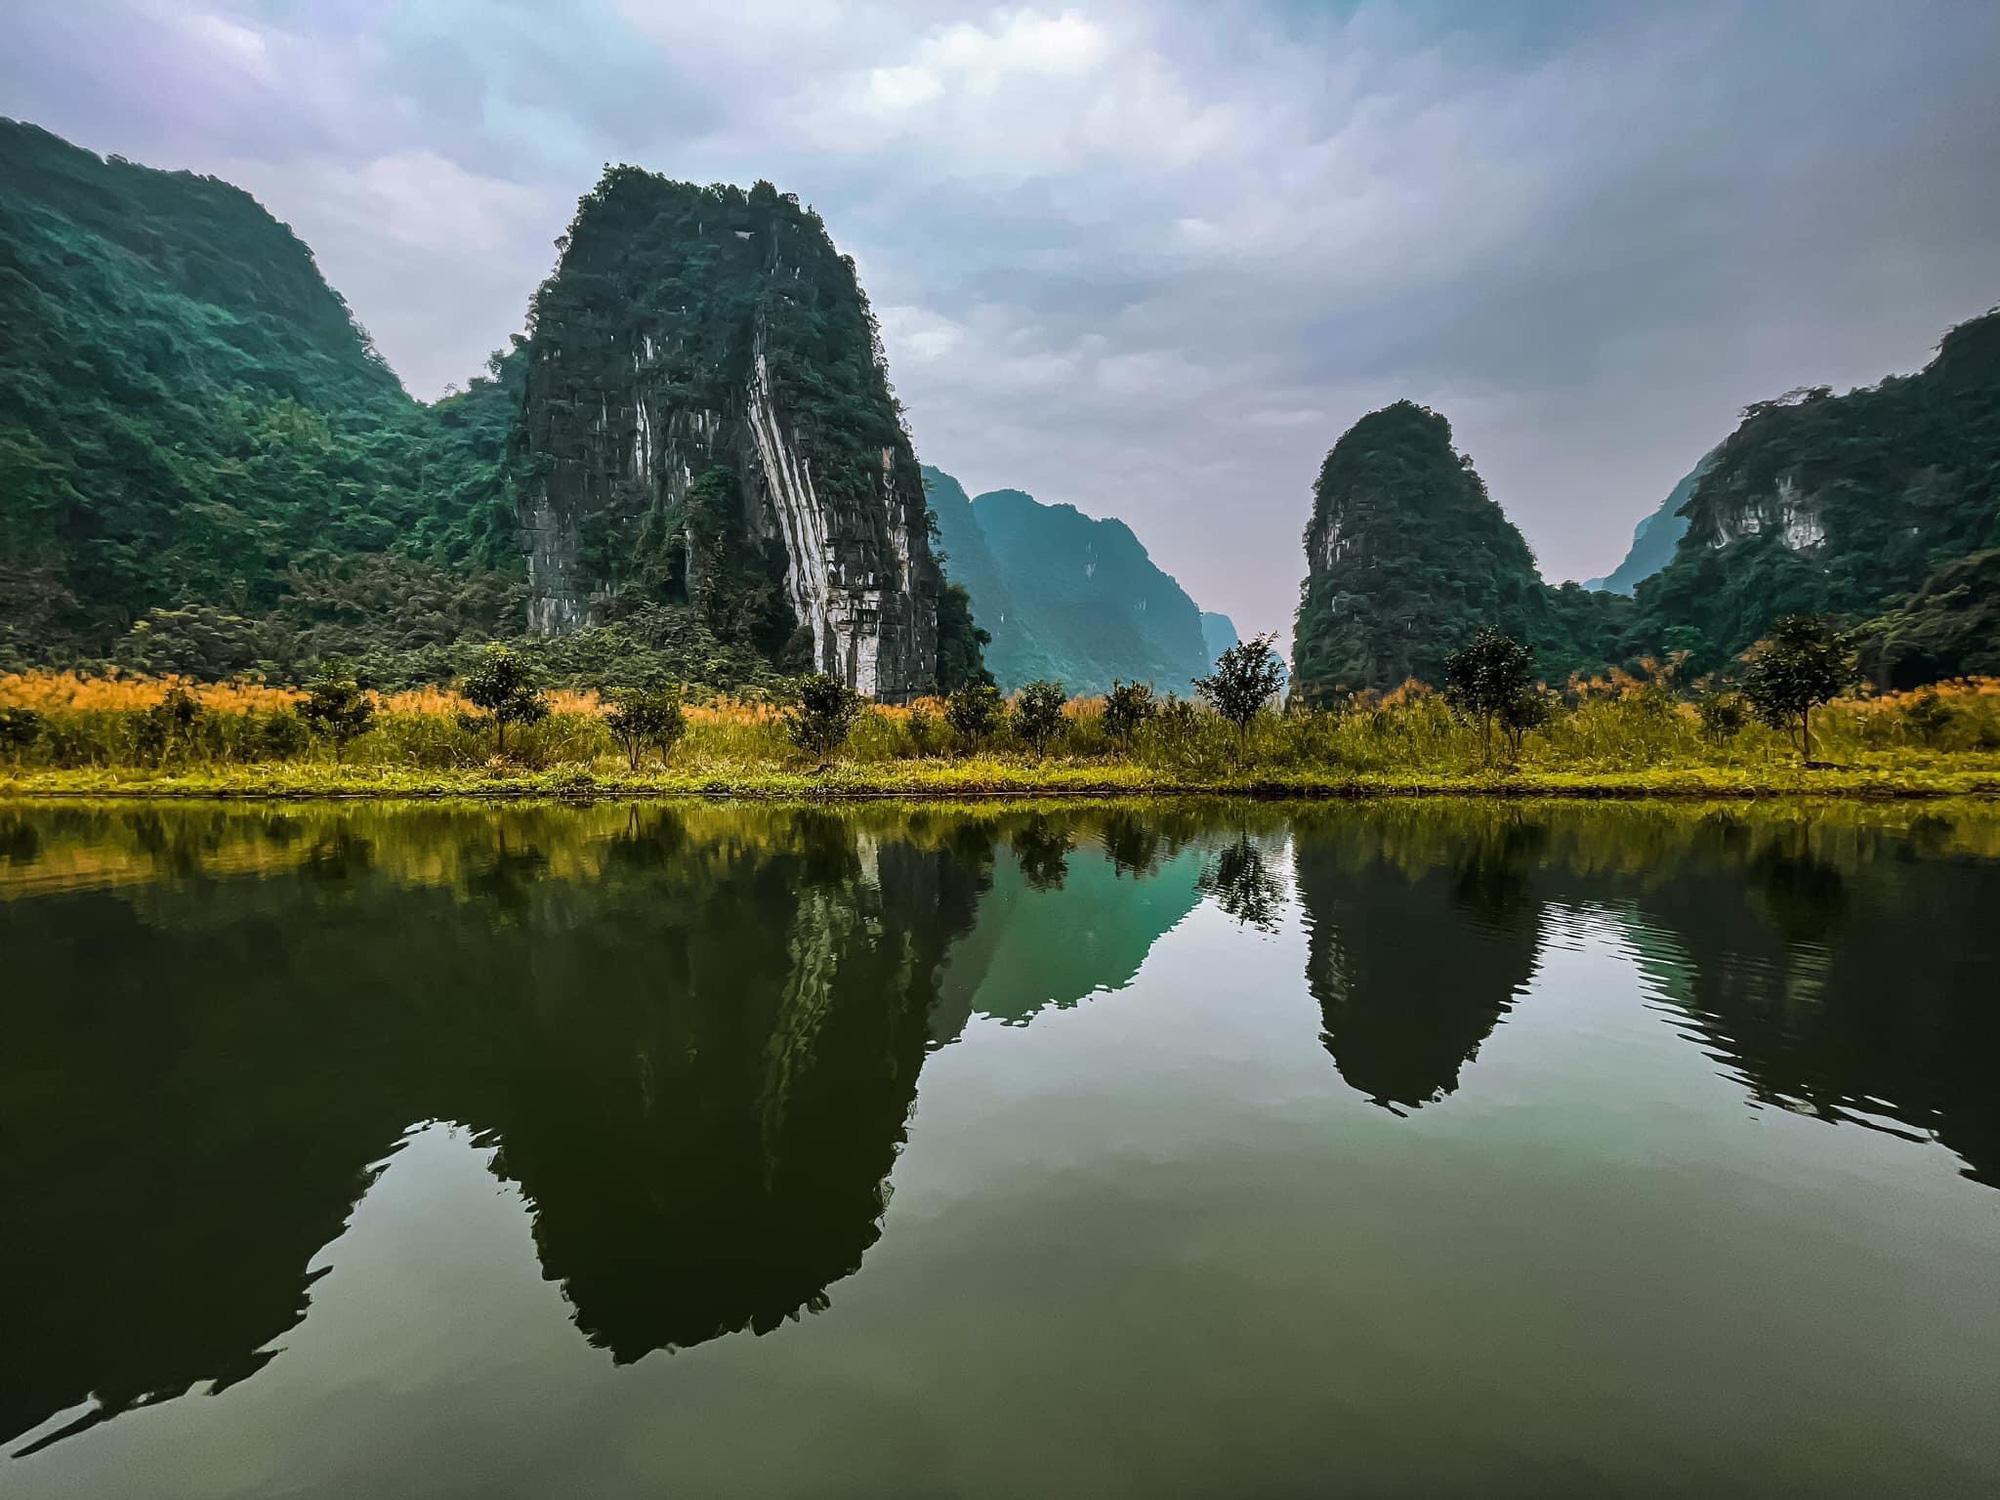 Điểm tên 3 danh thắng Ninh Bình ngay gần Hà Nội, nên đi dịp Tết Âm lịch 2021 - Ảnh 3.